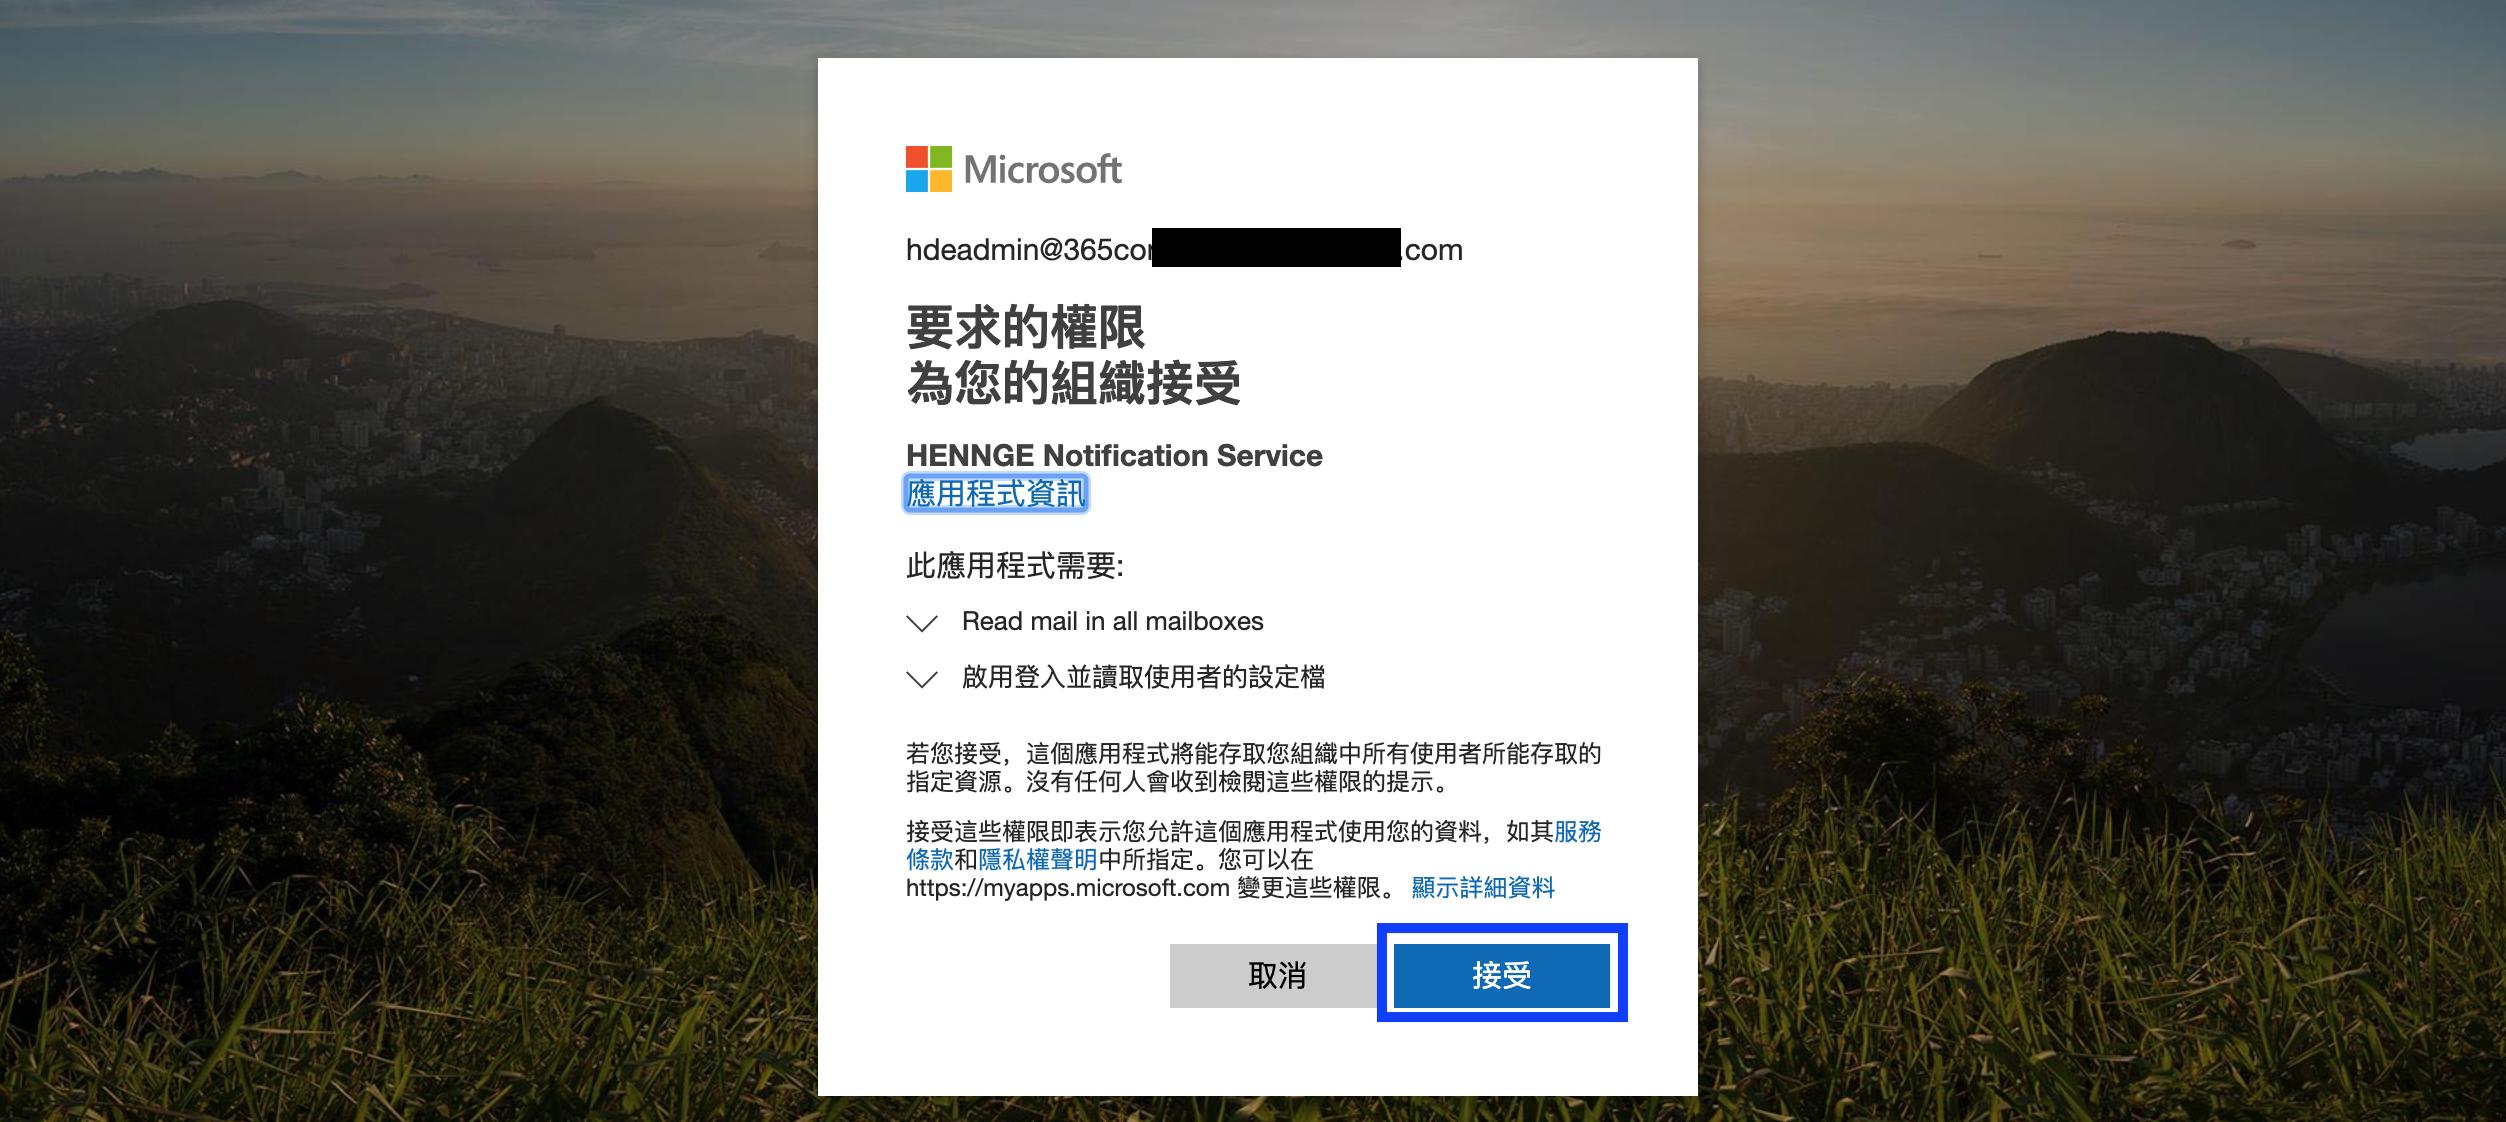 Screen_Shot_2019-07-08_at_18.44.56.png